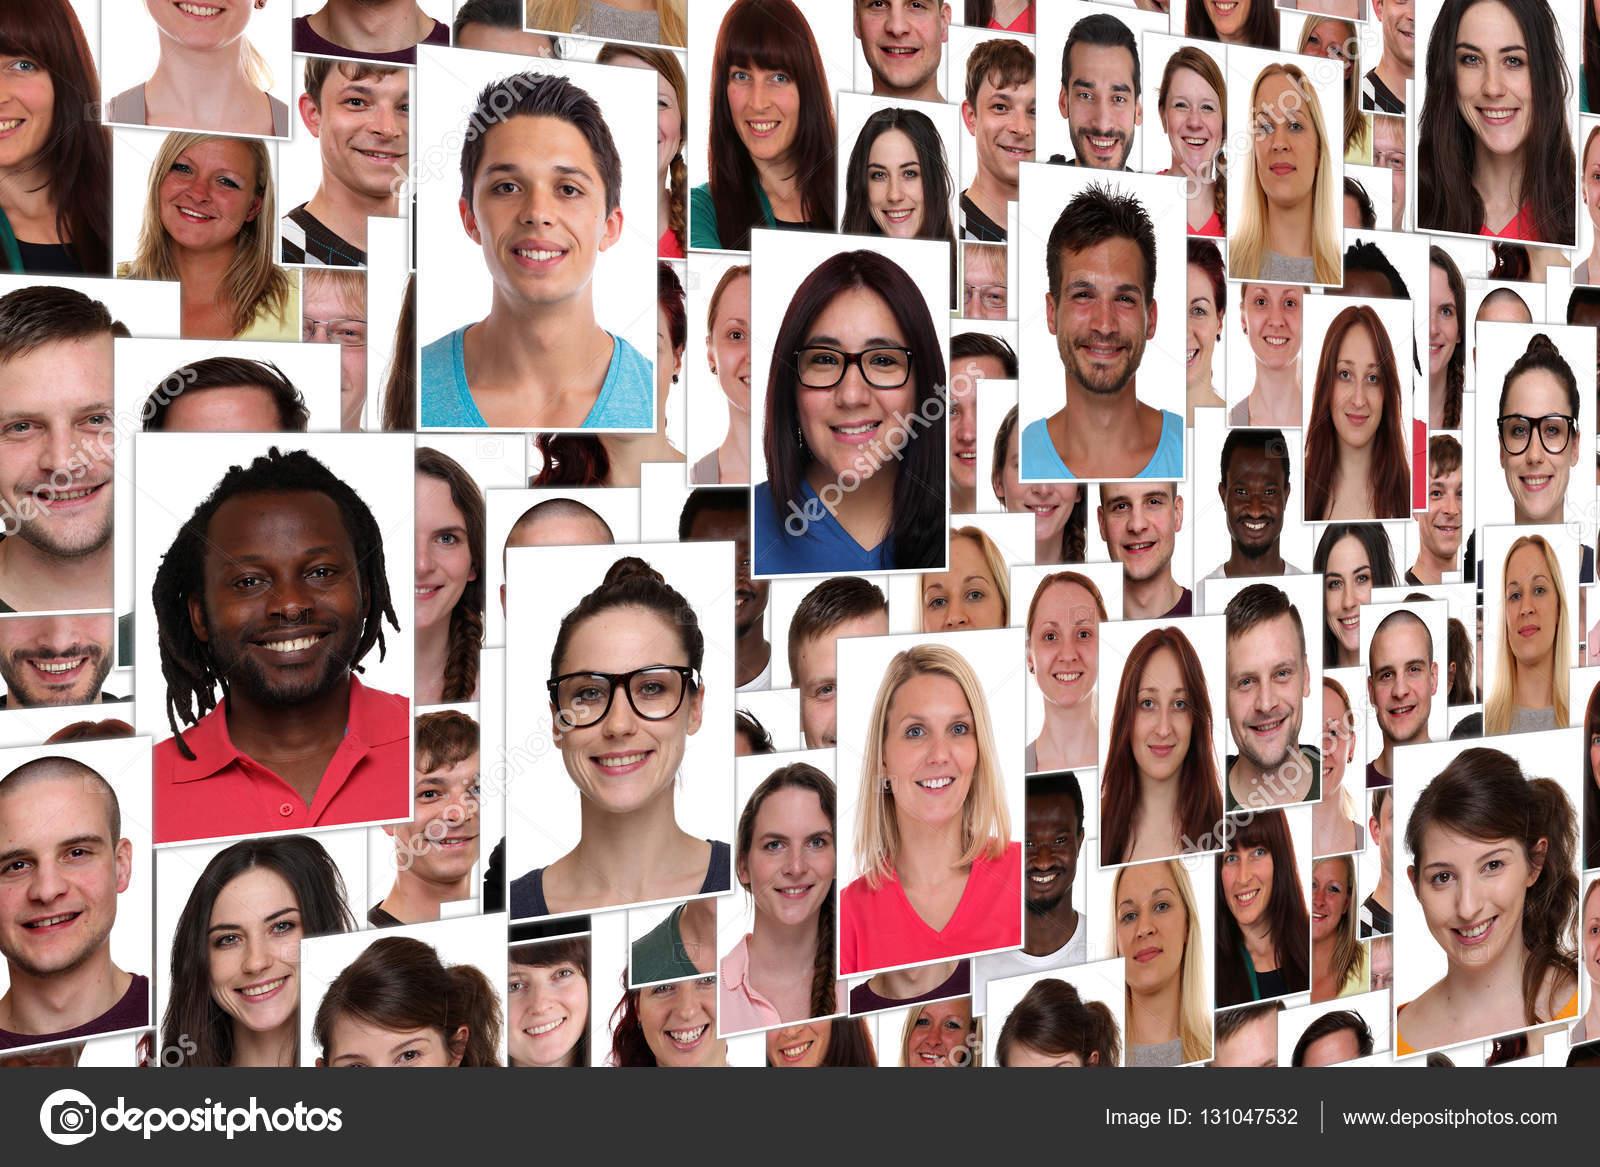 портреты людей фото коллаж пусть бывают трудности